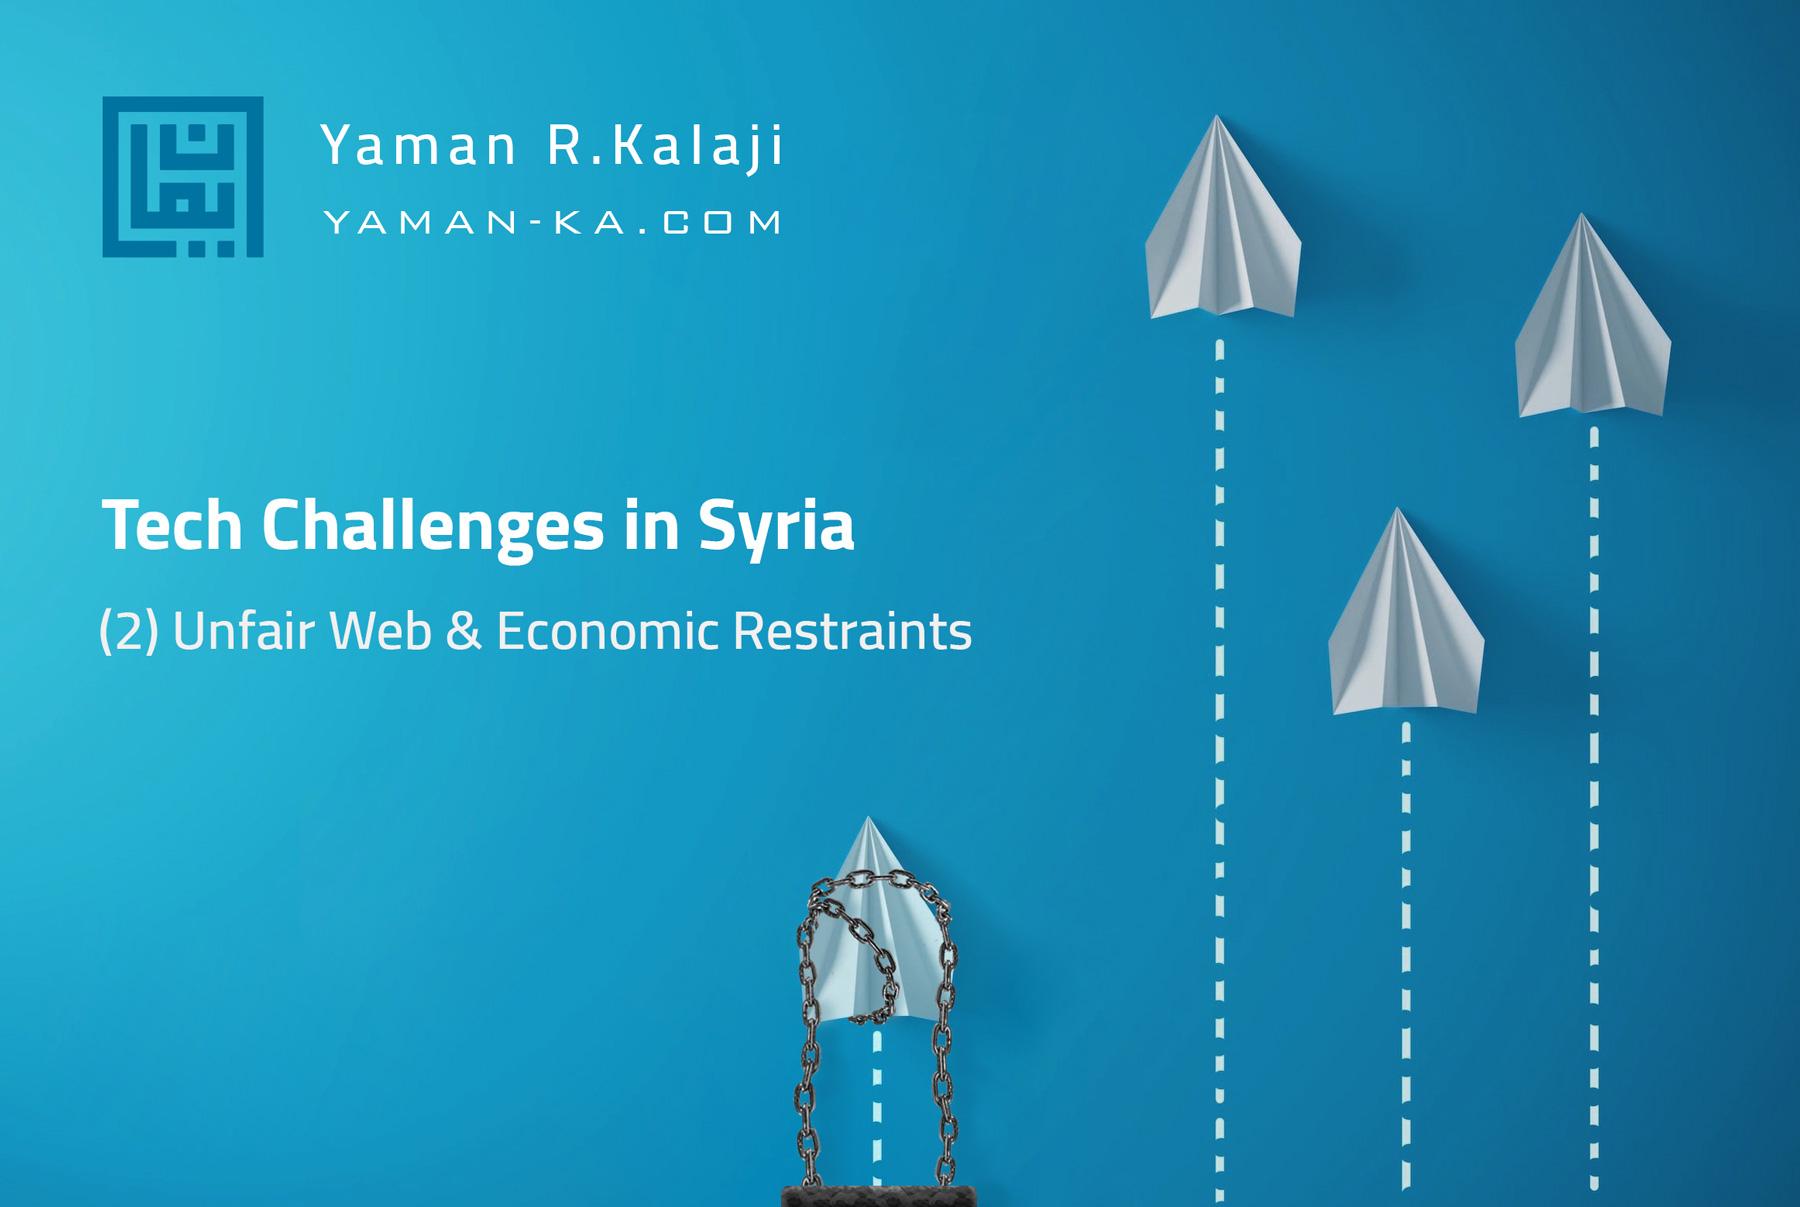 Tech Challenges in Syria - (2) Unfair Web & Economic Restraints